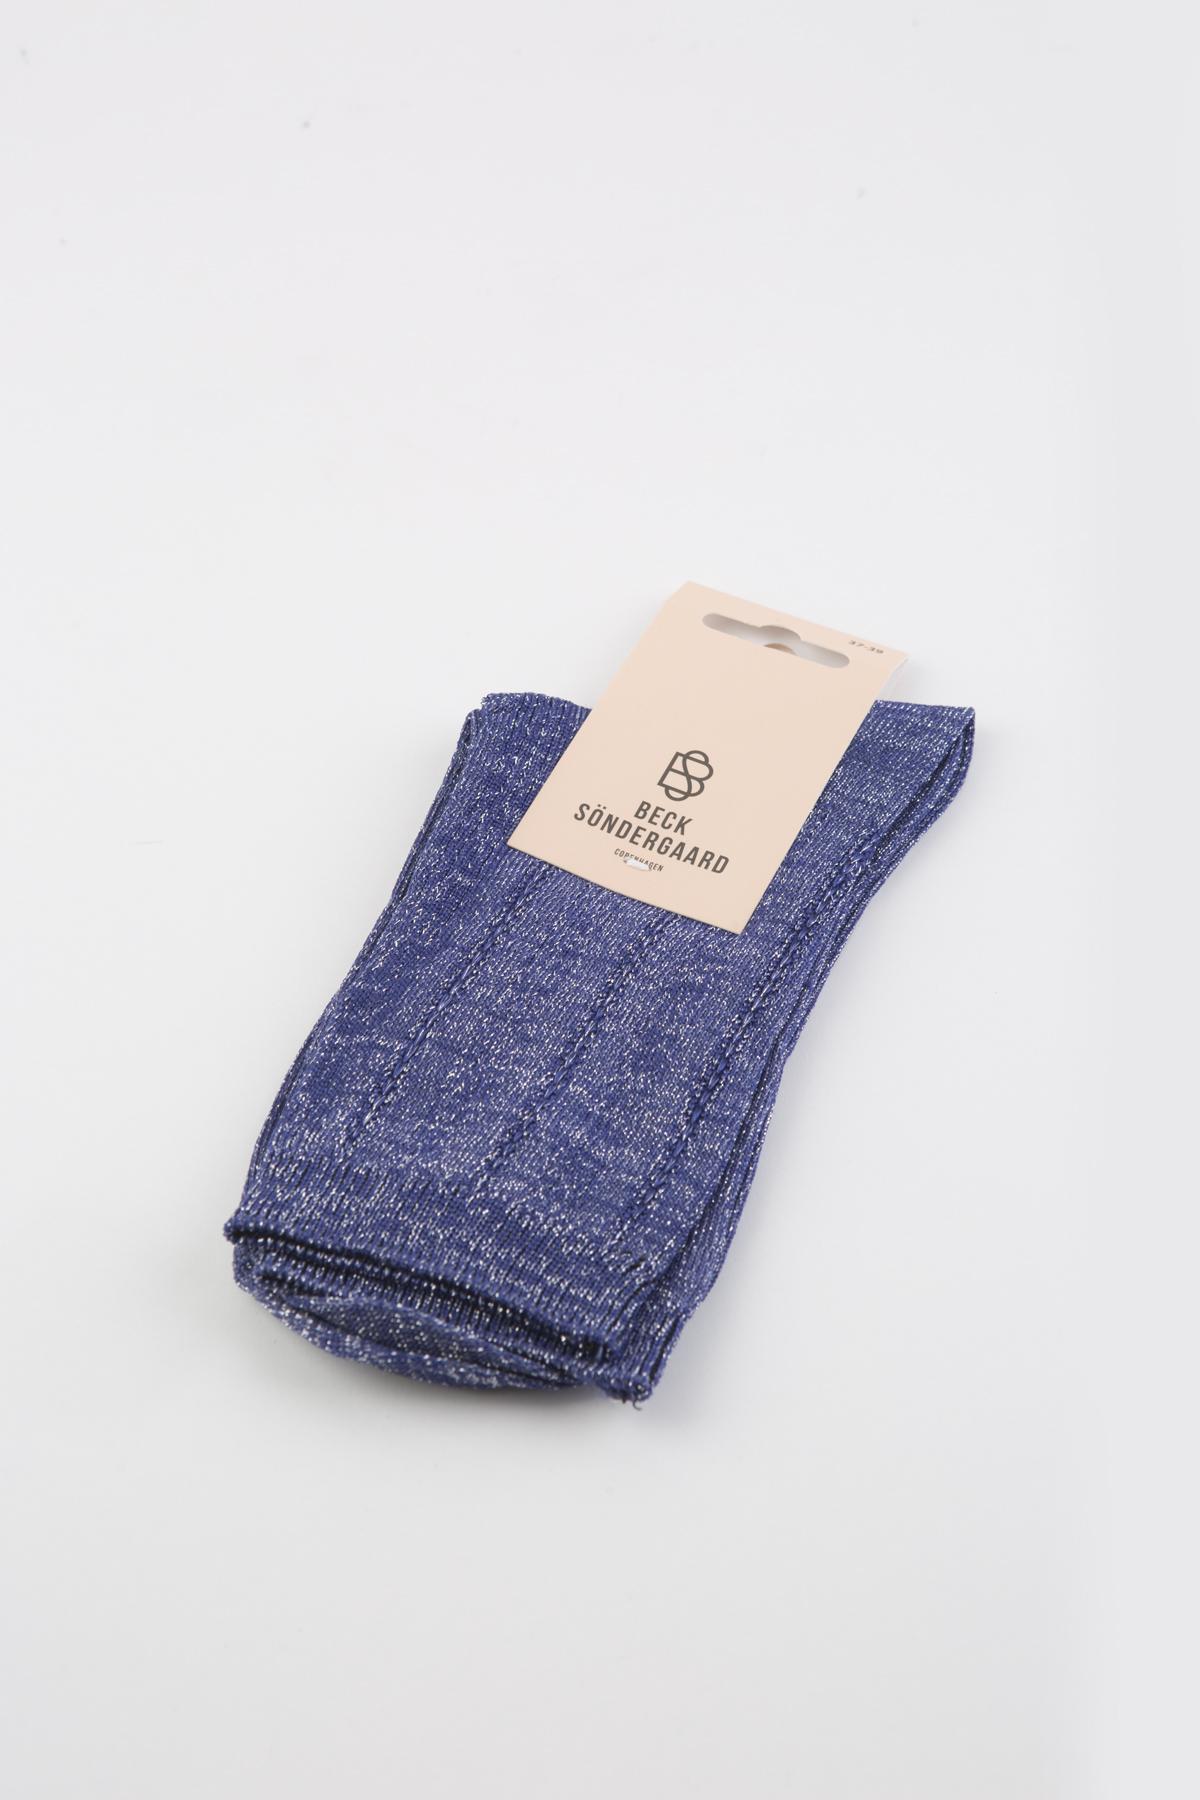 glitter-drake-blue-socks-becksondergaard-matchboxathens